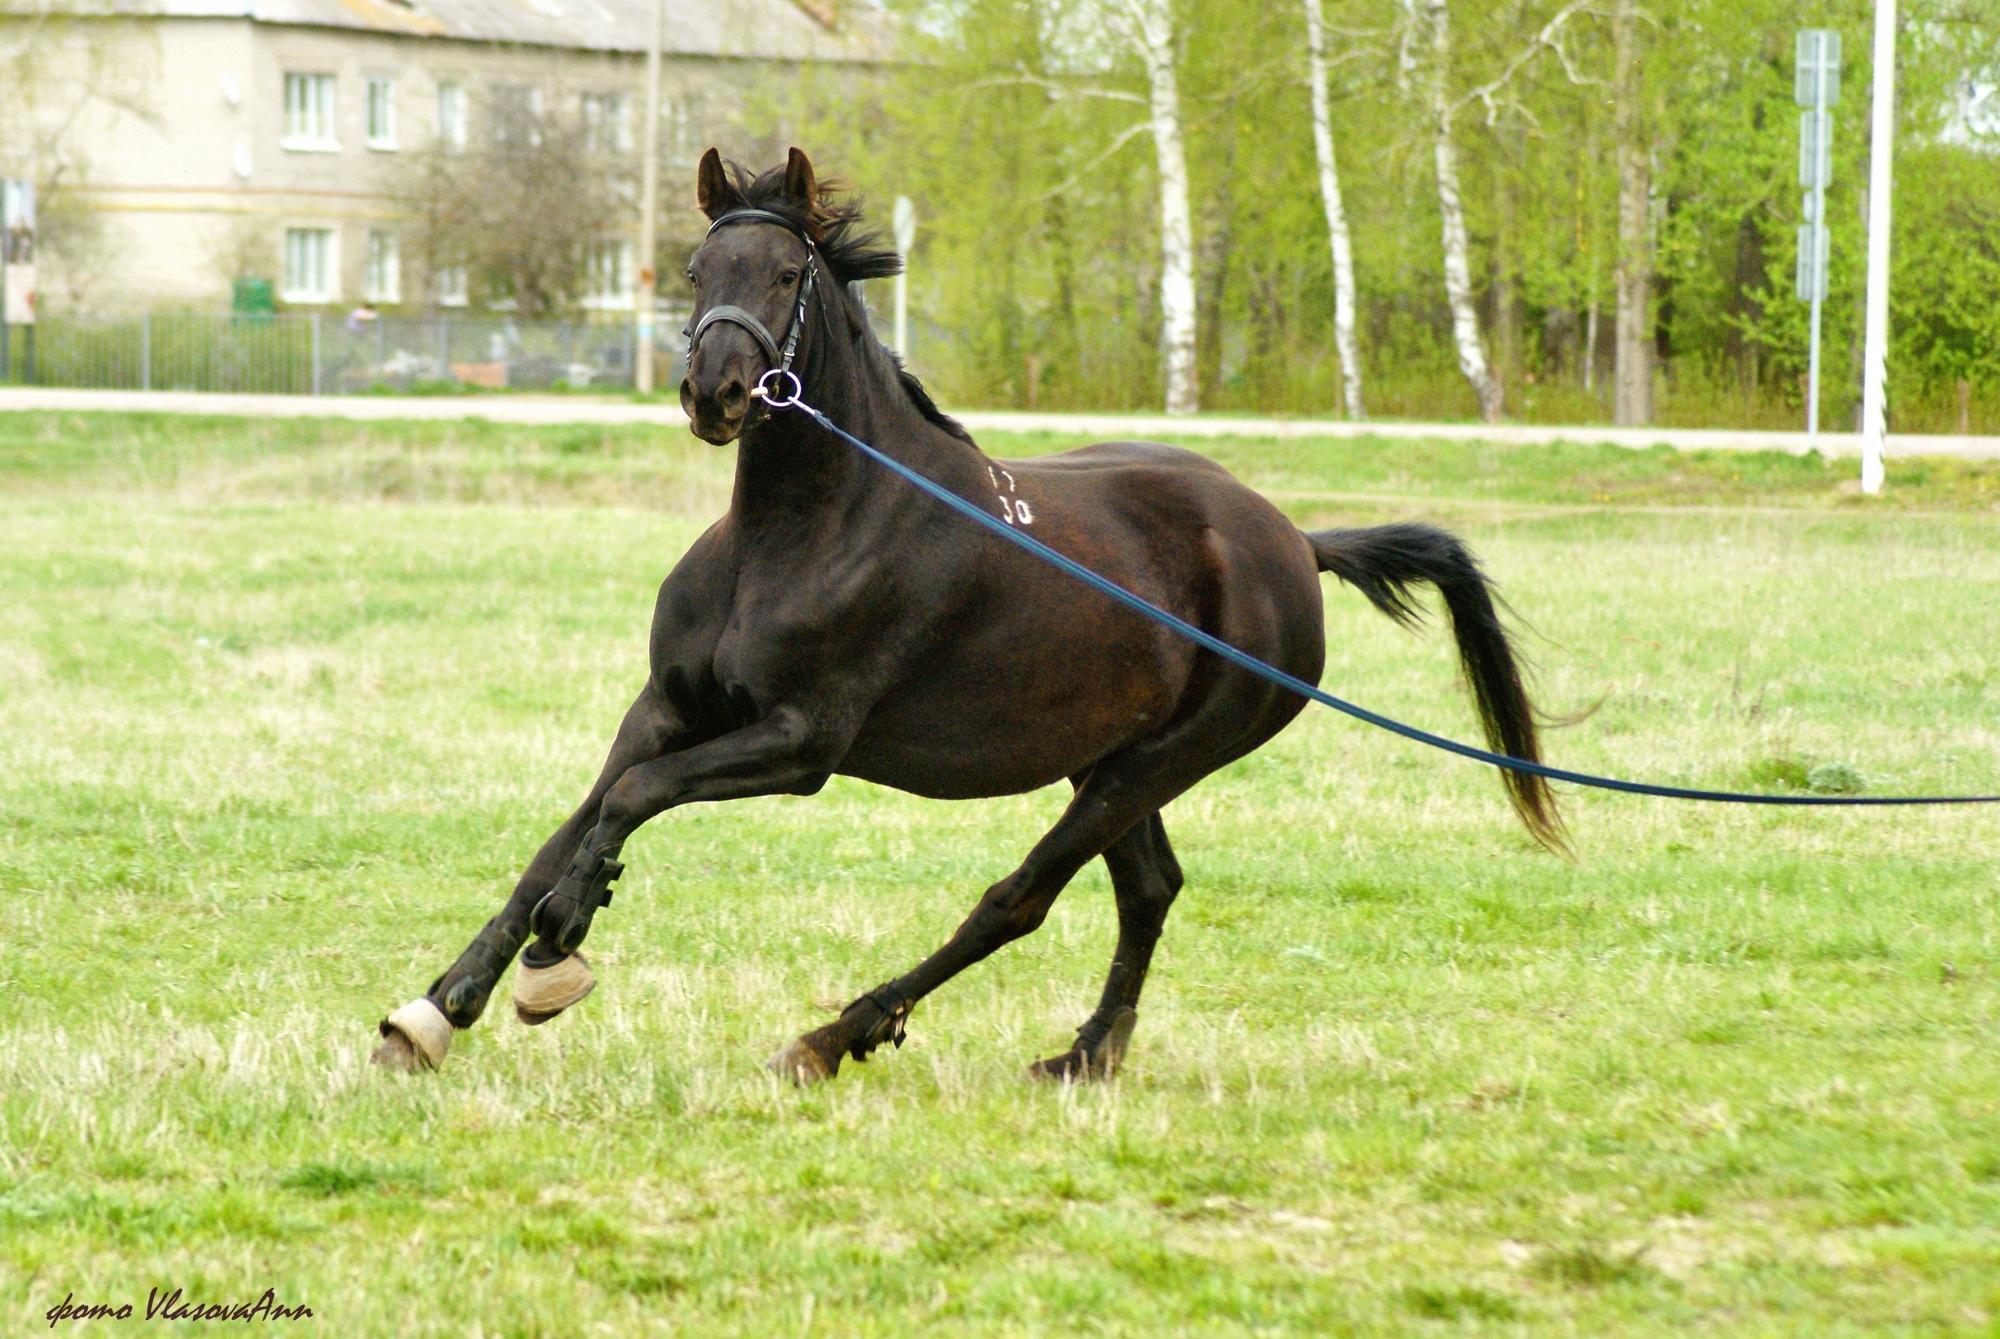 Русская верховая порода лошадей: фото и видео, характеристики, история, описание